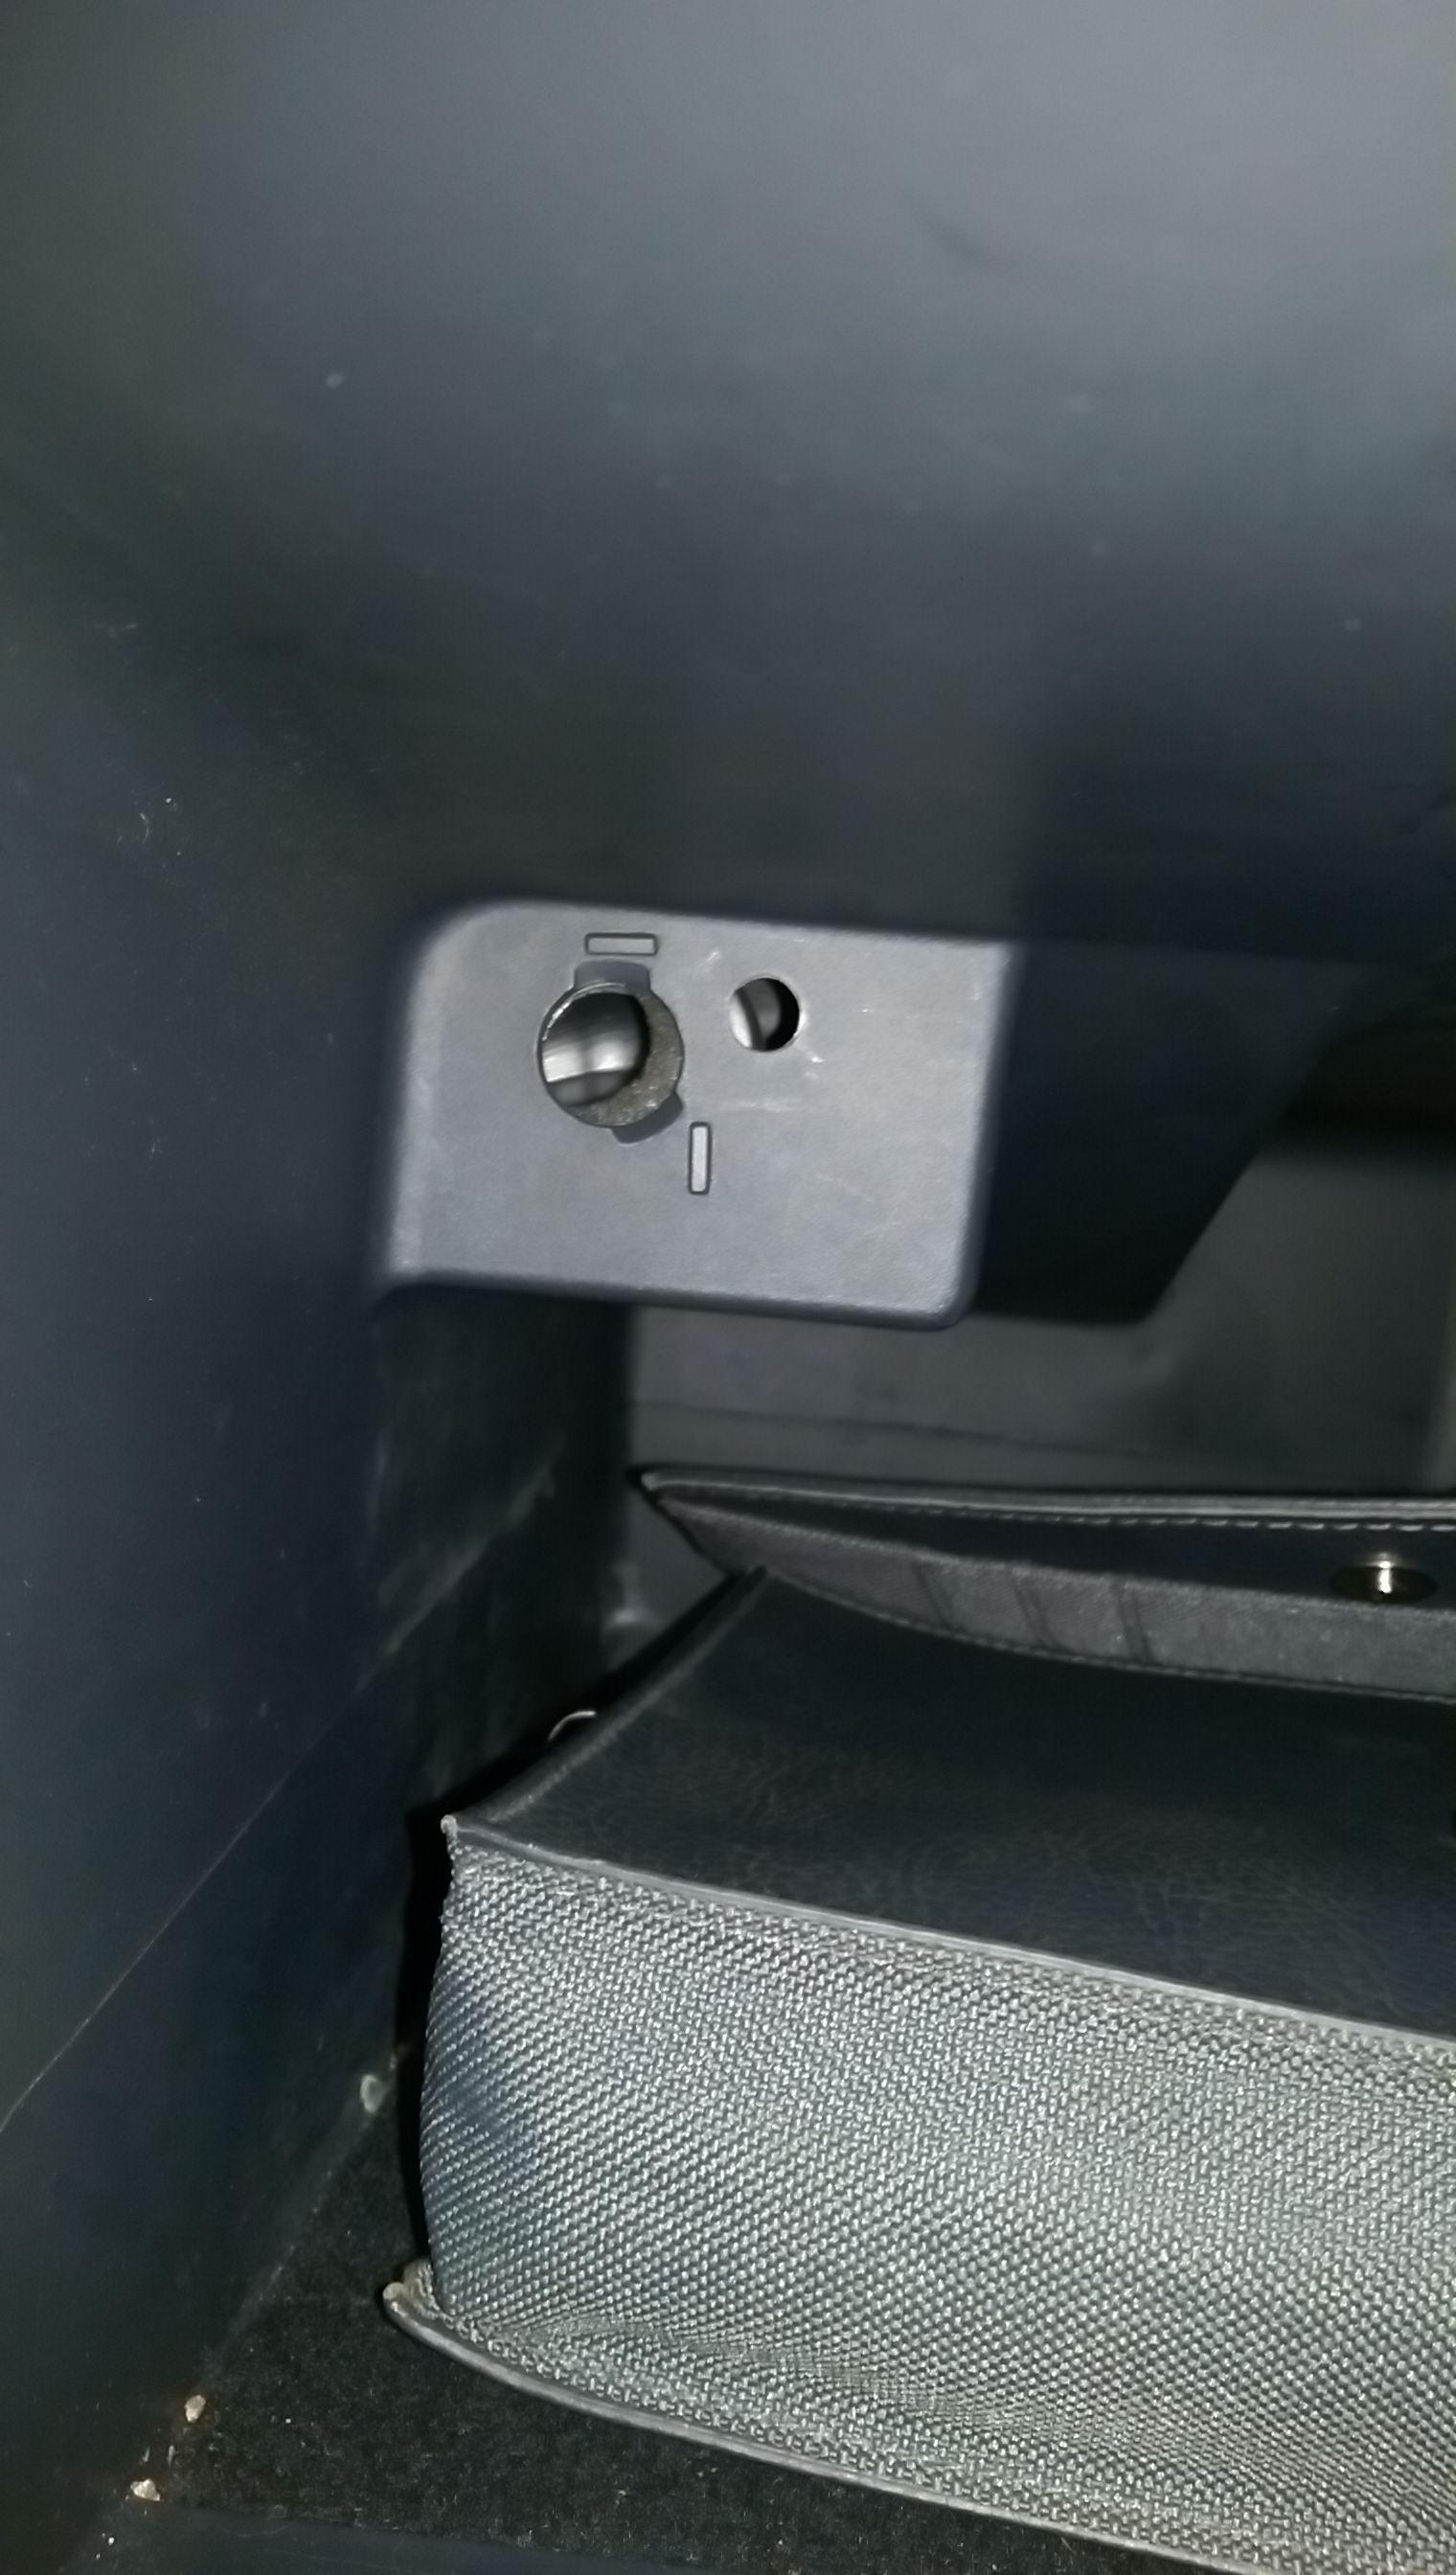 Wo ist der Aux Anschluss beim Renault Megane 2 (Kombi)? (Musik, Auto)